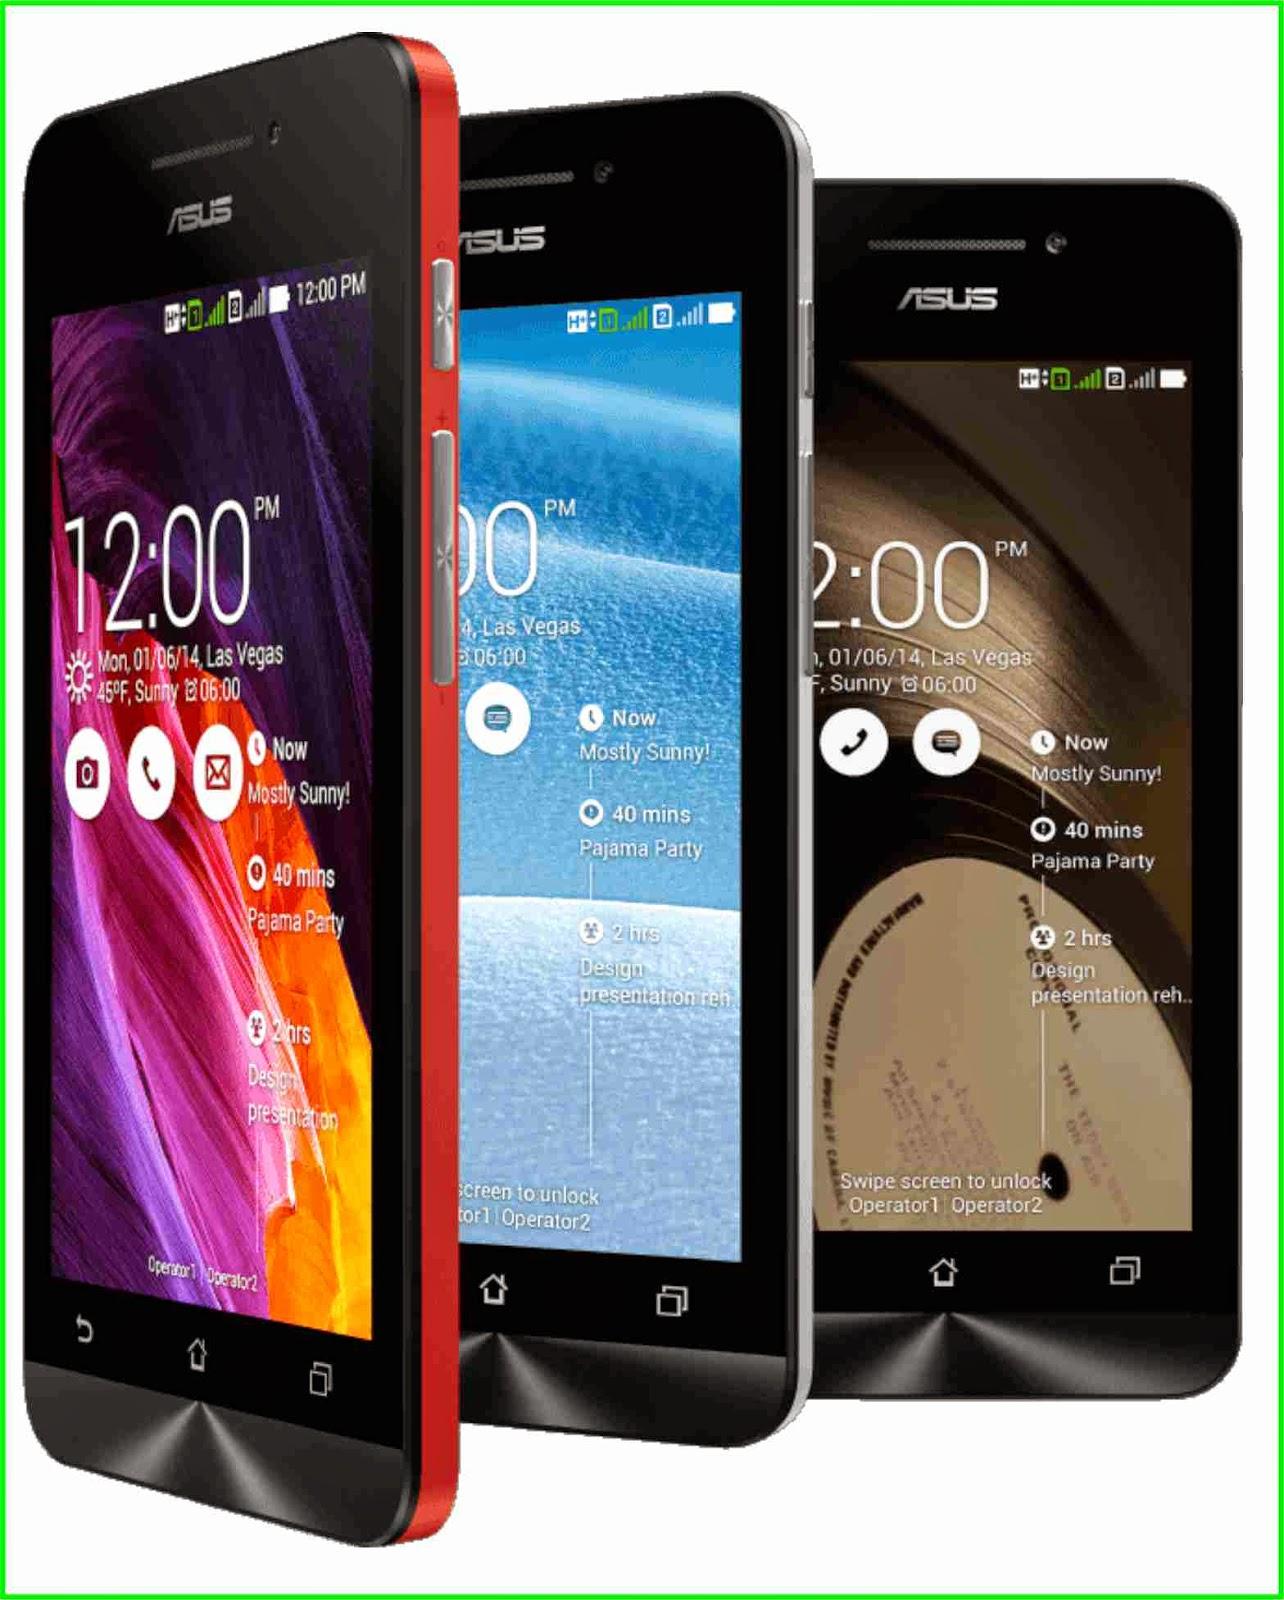 Mengenal Mobile Phone Murah Berbasis Android,ASUS zenfone,